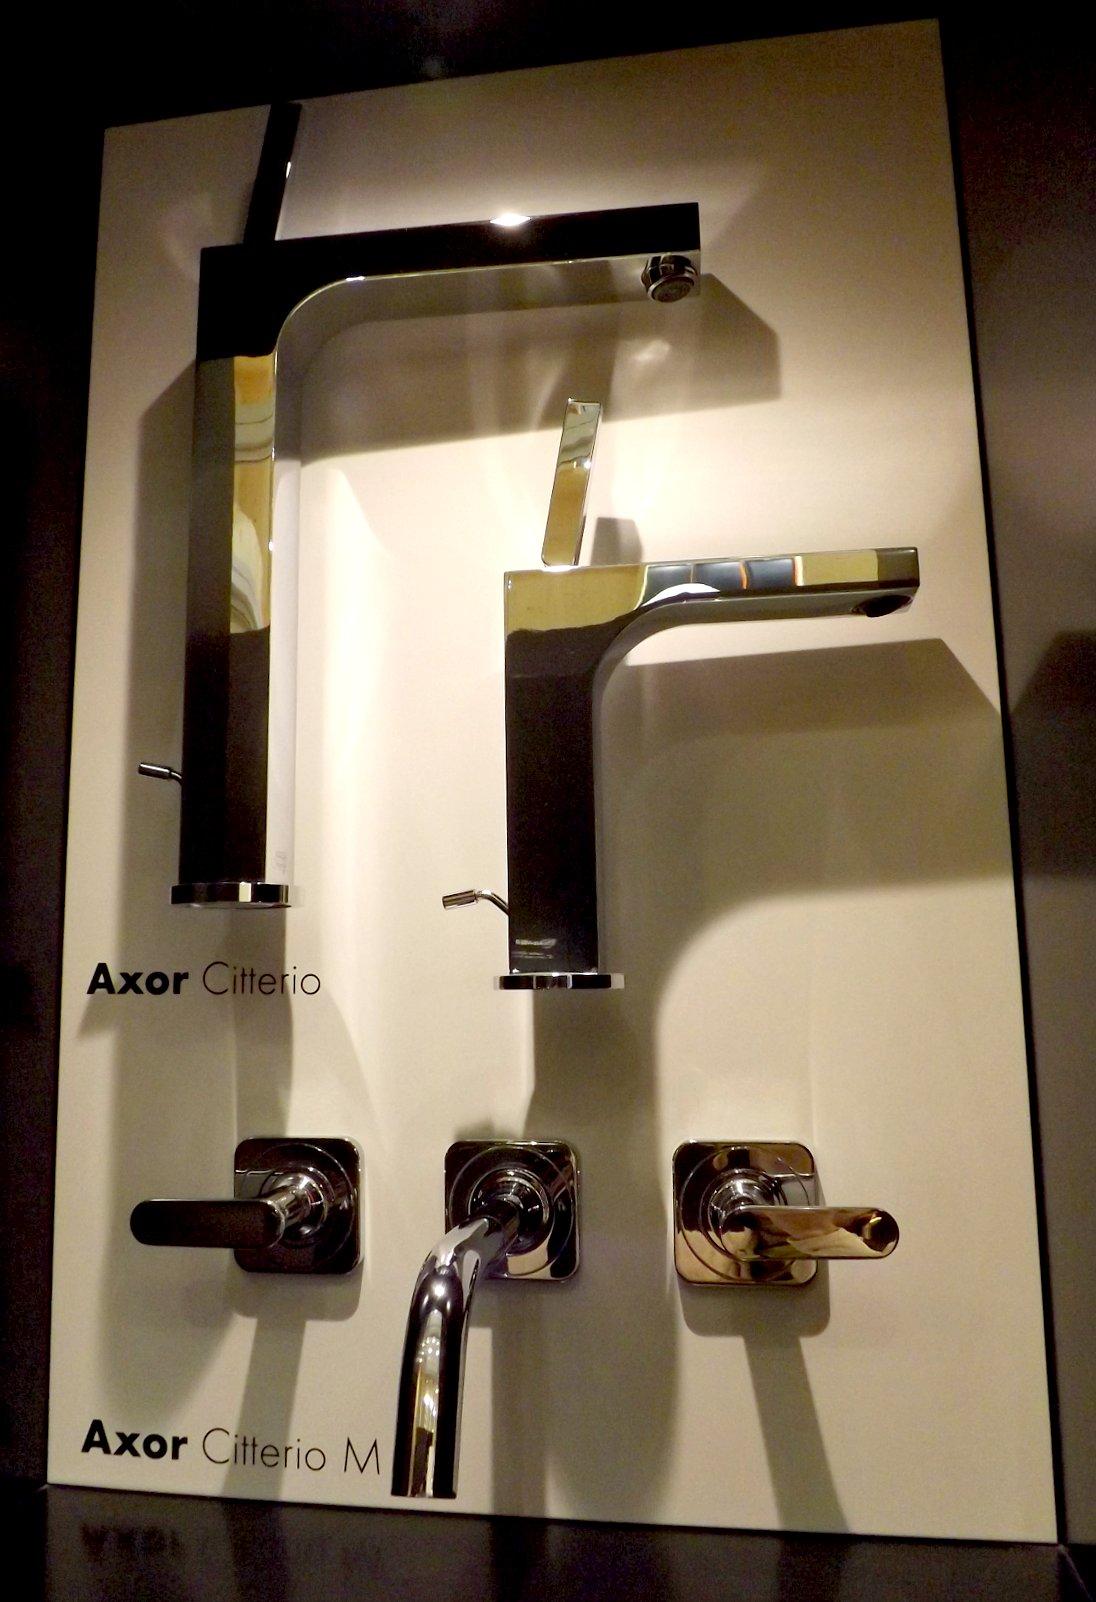 Модные тренды сантехники и аксессуаров для ванной 2016: смесители на экспозиции от AXOR (Hansgrohe) во время выставки MosBuild